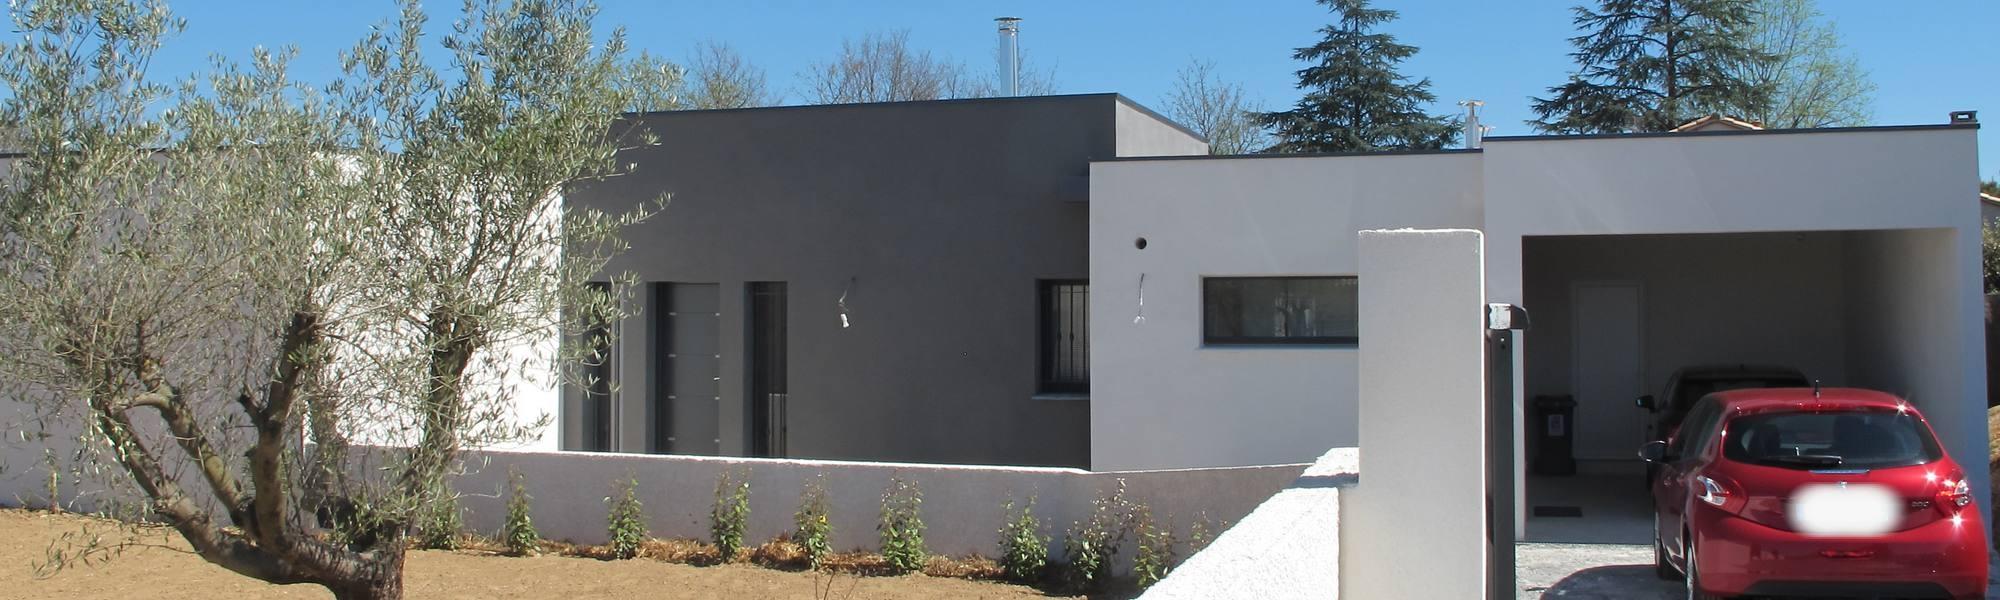 Maison à toit plat contemporaine